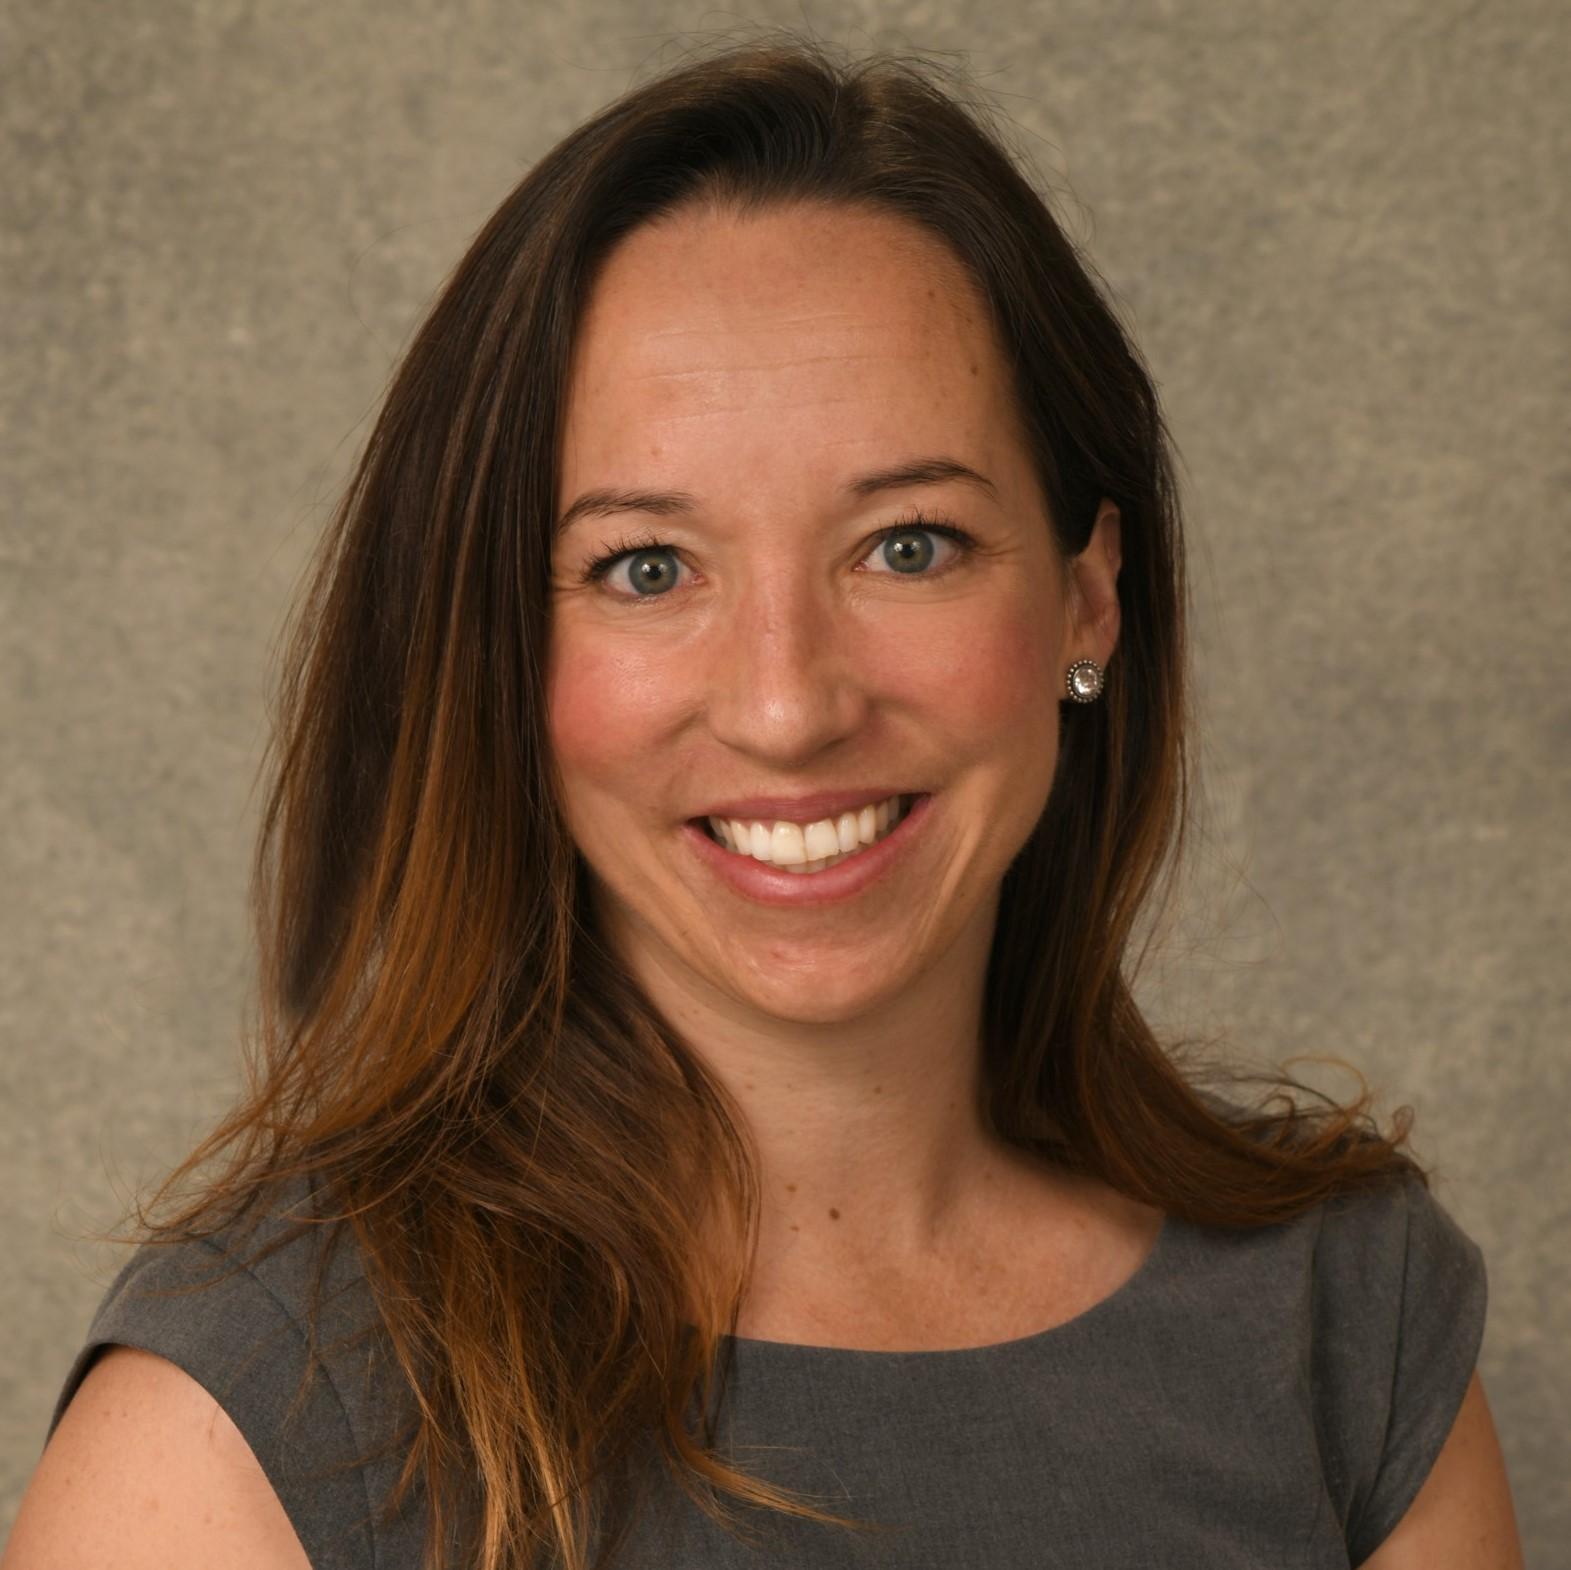 Katie Rowan